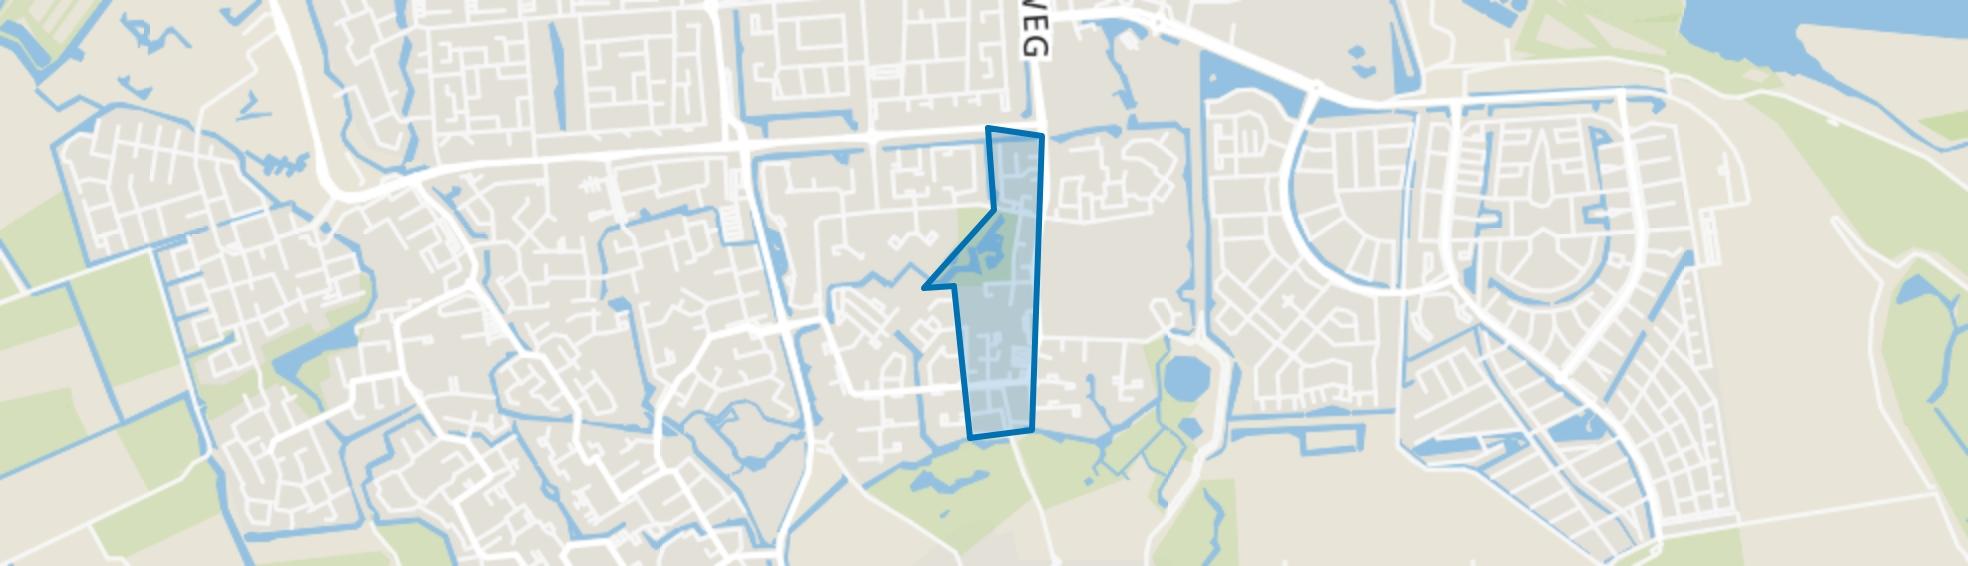 Middengebied, Spijkenisse map